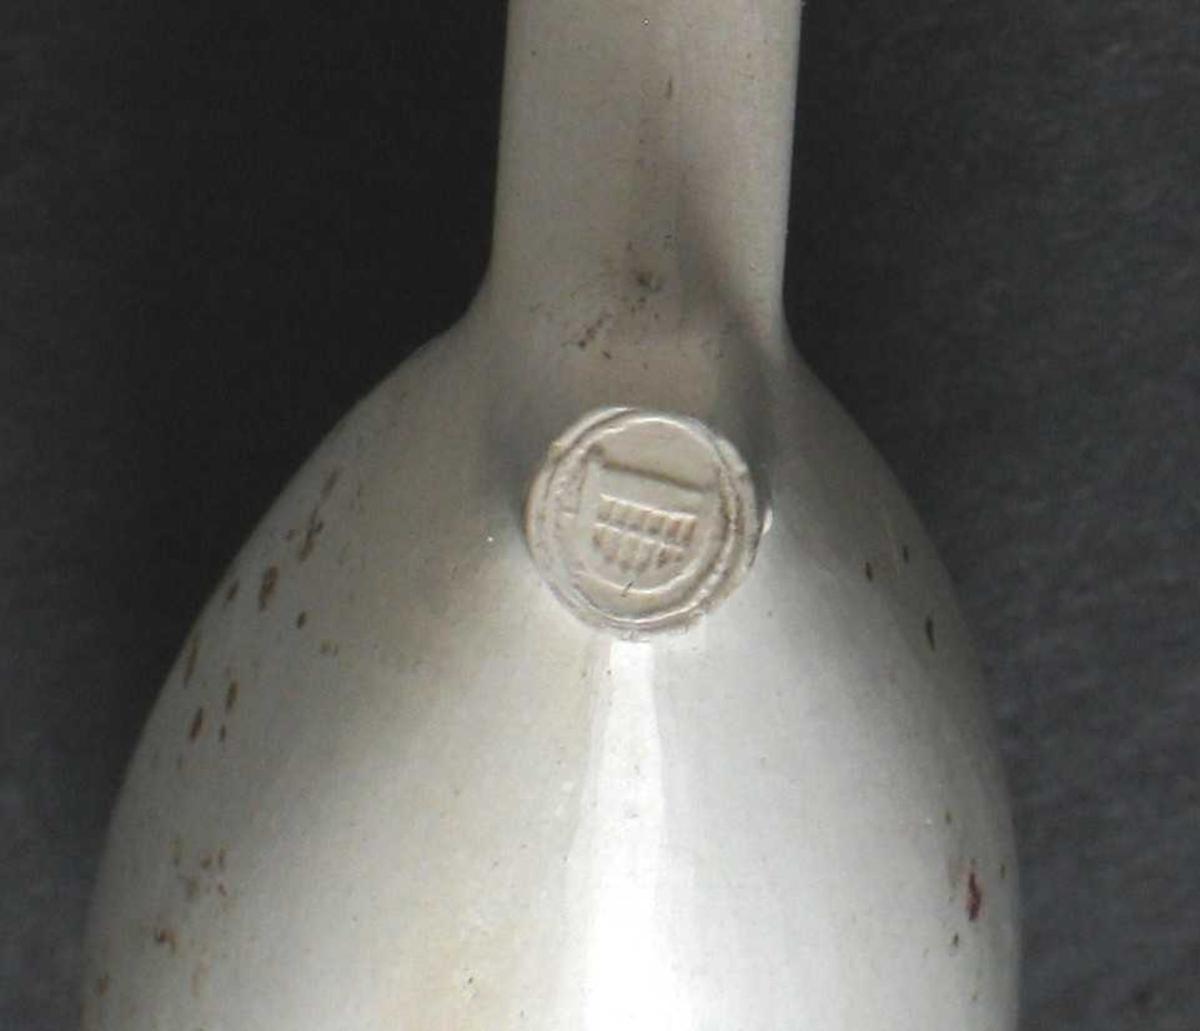 Krittpipe, Hollandsk form, stempel under  knasten med opprutet D (kurv?).    Pipe av vanlig Goudaform, neststørste type,  smal knast med en liten prikk på den  ene siden. ornamer felt midt på stilken.  Litt flekket på den ene side av hodet.